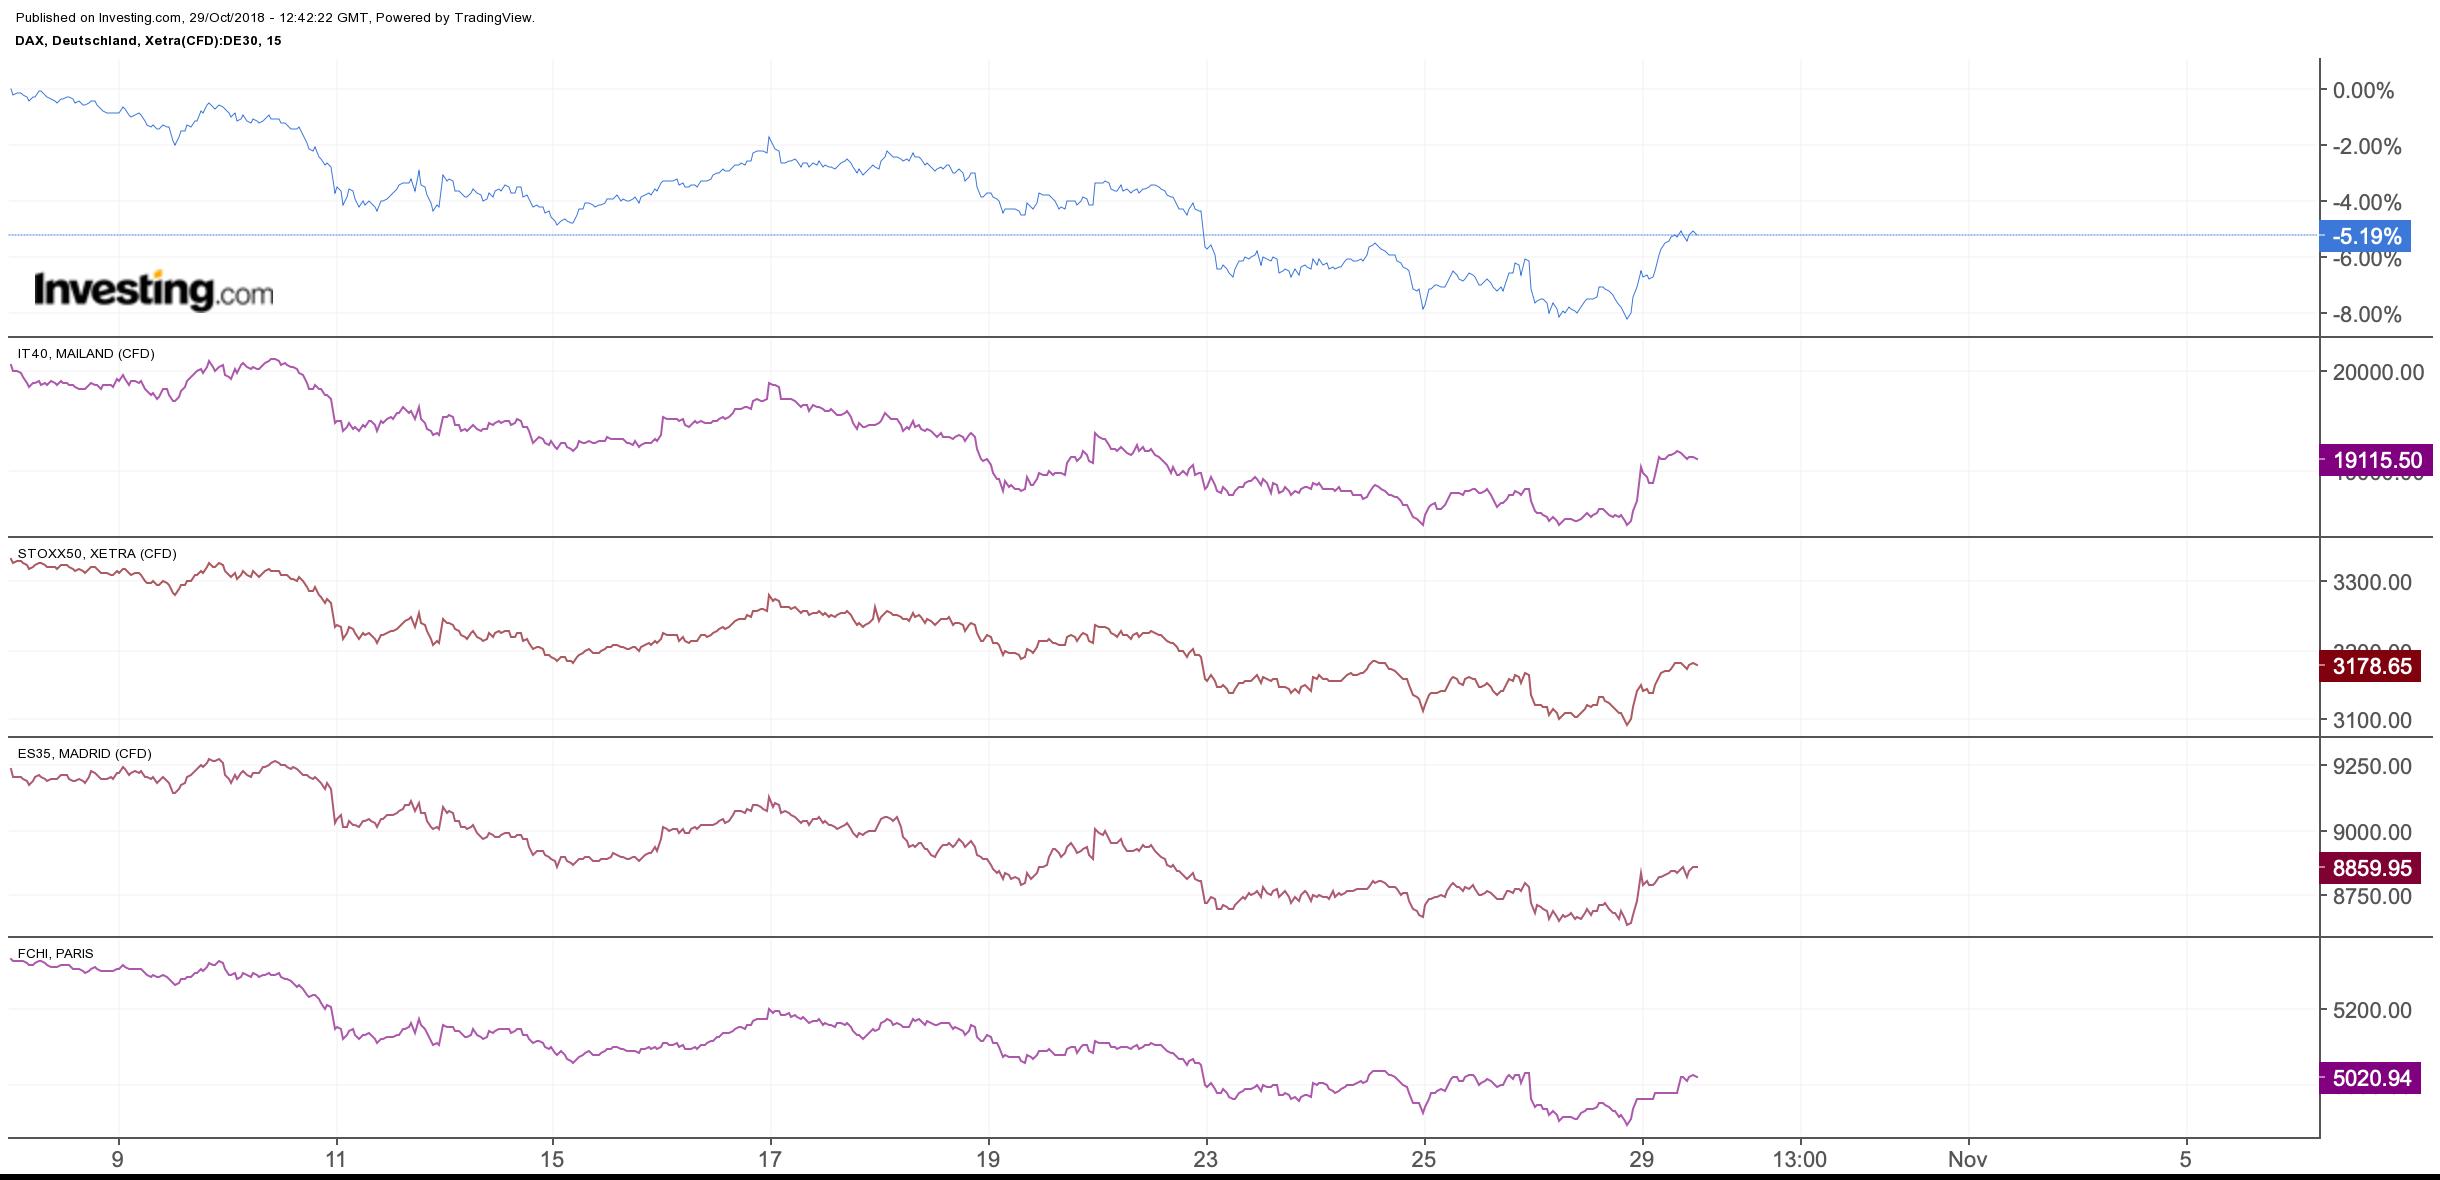 Vergleichschart europäischer Aktienmarkt